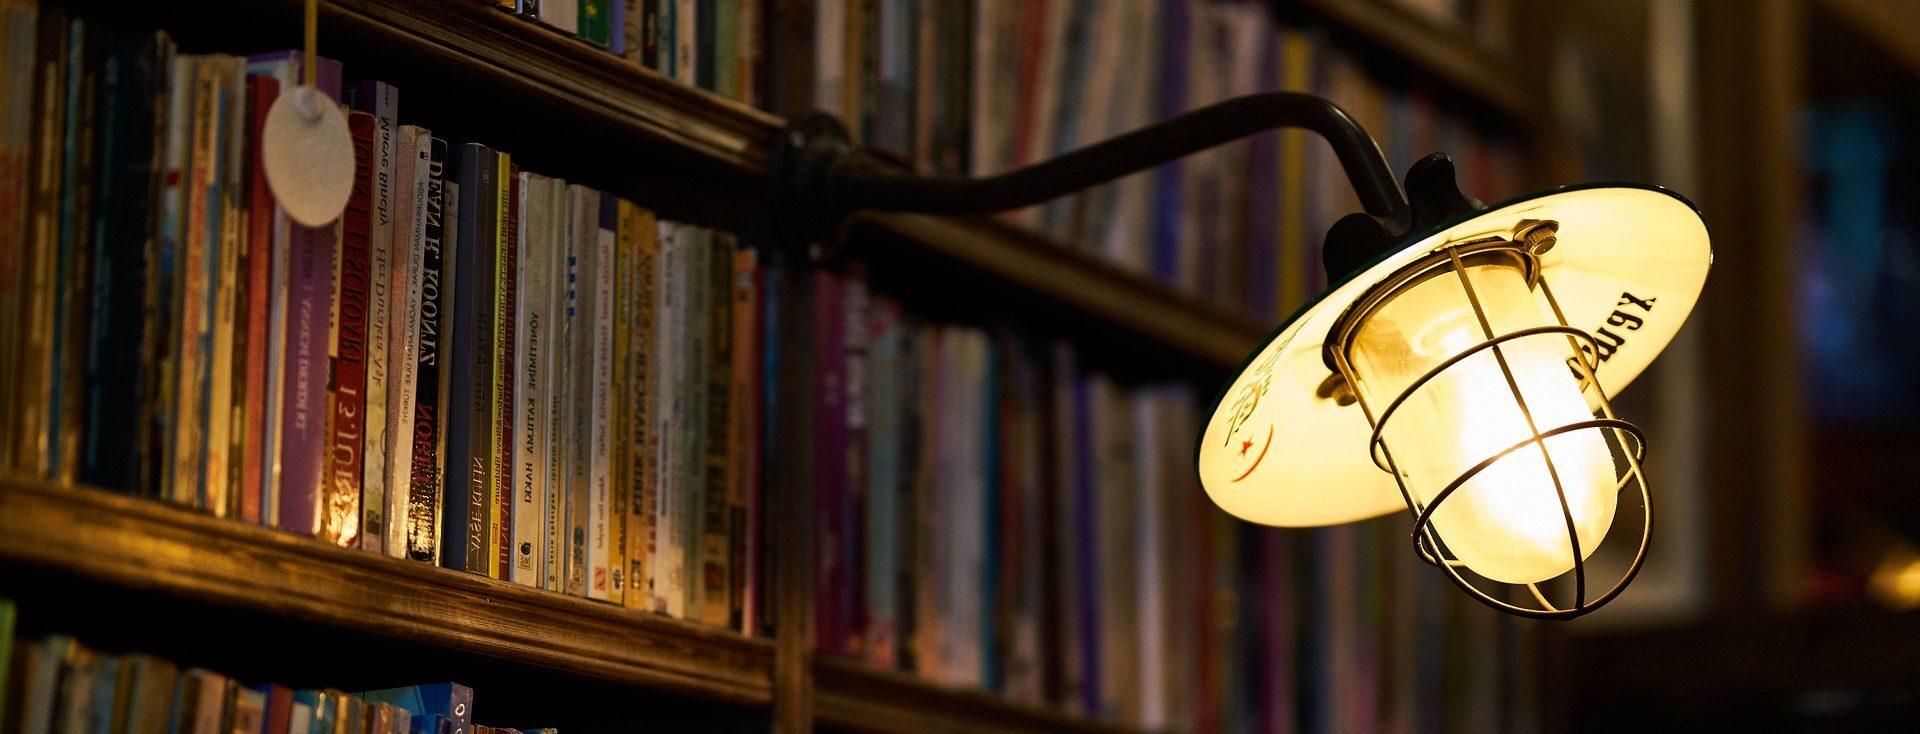 Raamaturiiul ja lamp